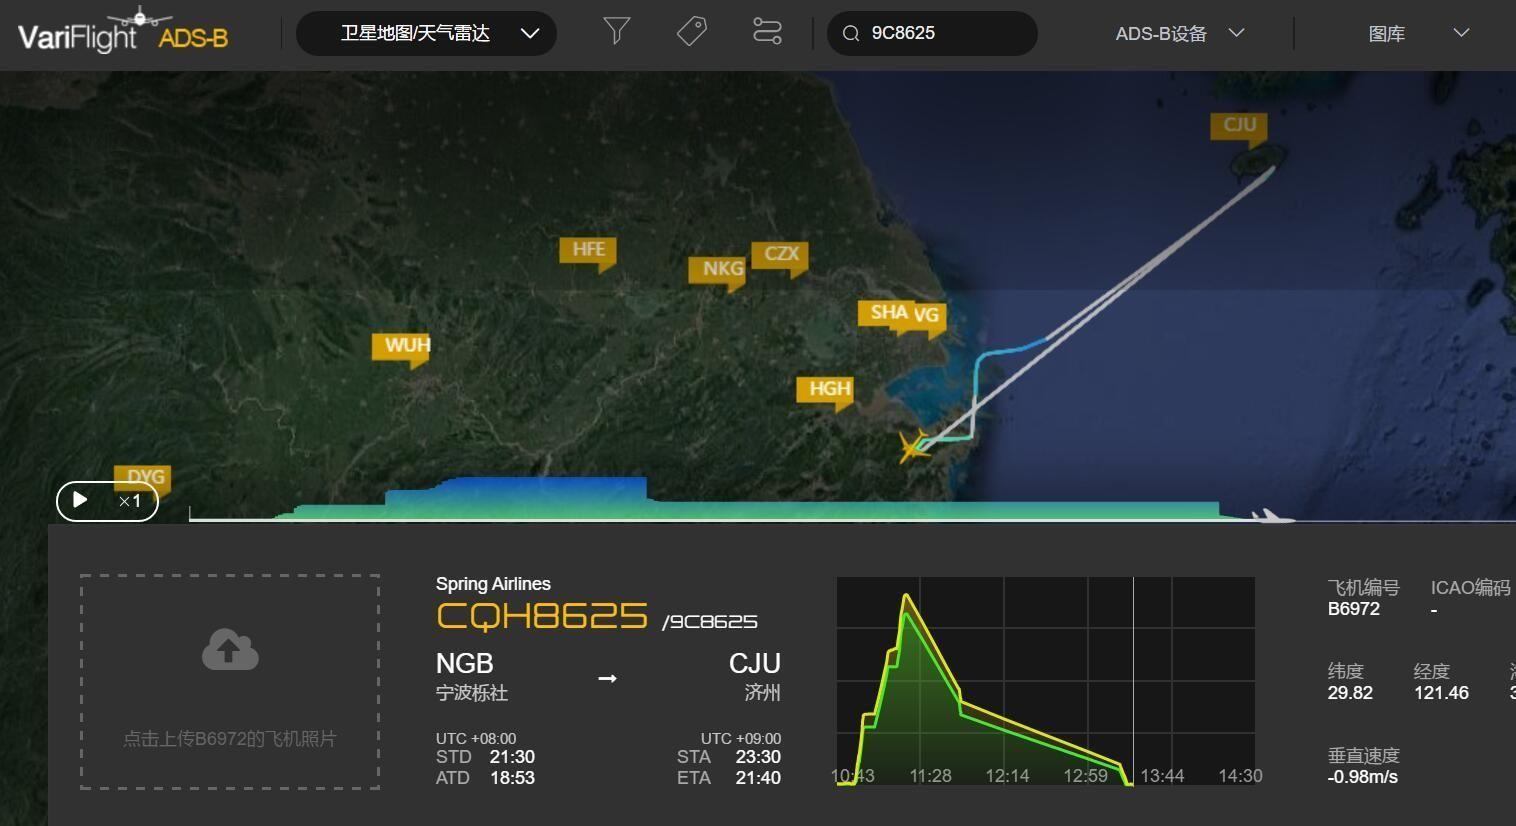 寧波飛濟州航班遇強風返航 游客:除了生死都是小事